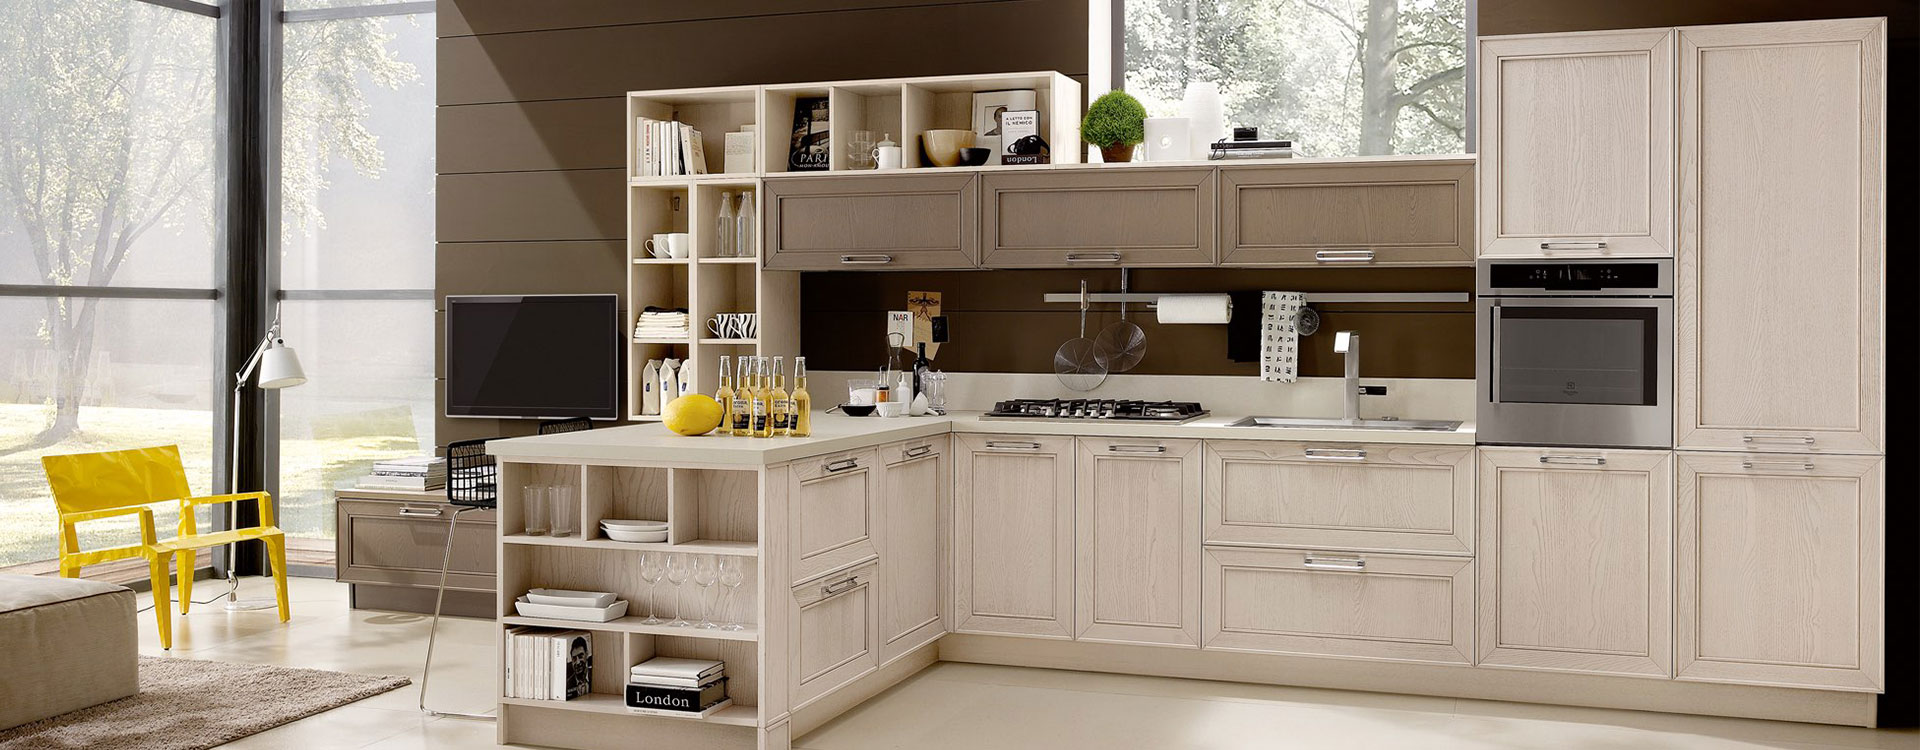 Merlok Aluminium Modular Kitchen coimbatore4